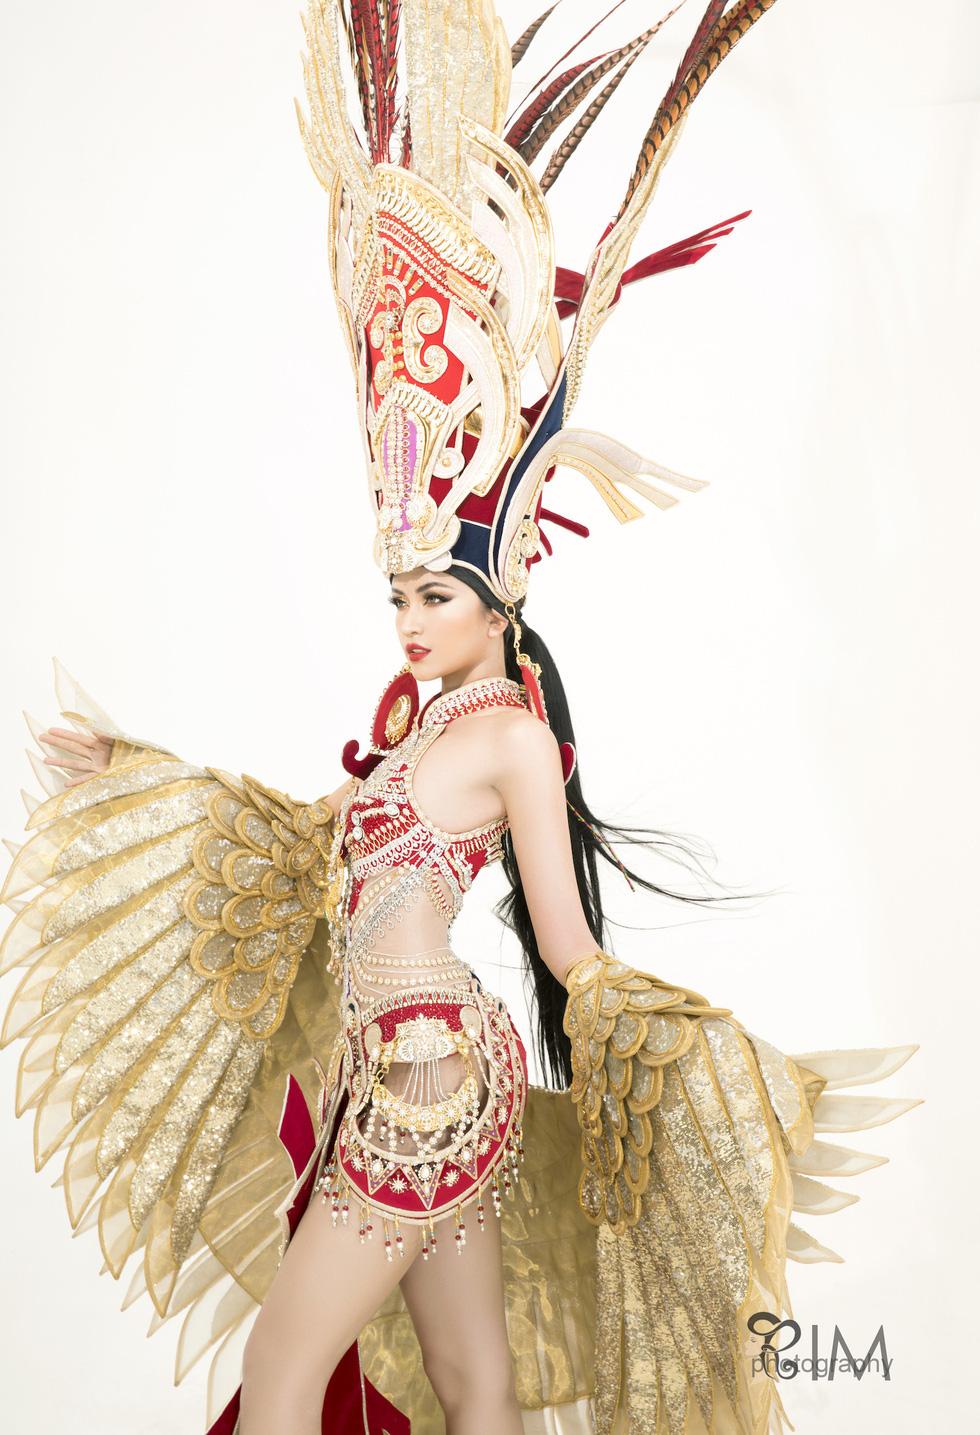 Quốc phục hở hang gây tranh cãi của Ngọc Châu tại Miss Supranational - Ảnh 3.